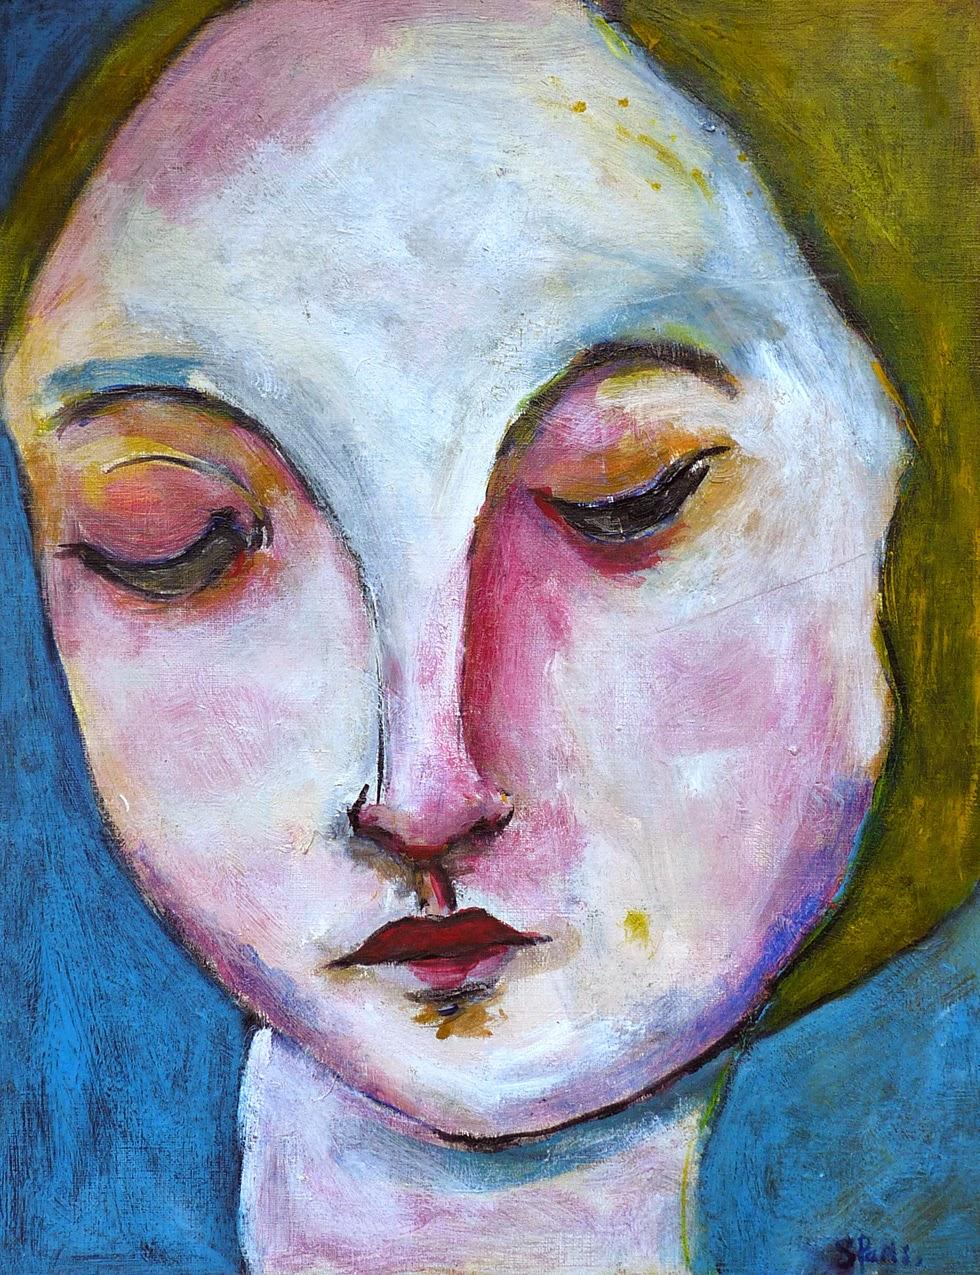 Nouvelle peinture femme au visage baiss - Peinture sur visage ...